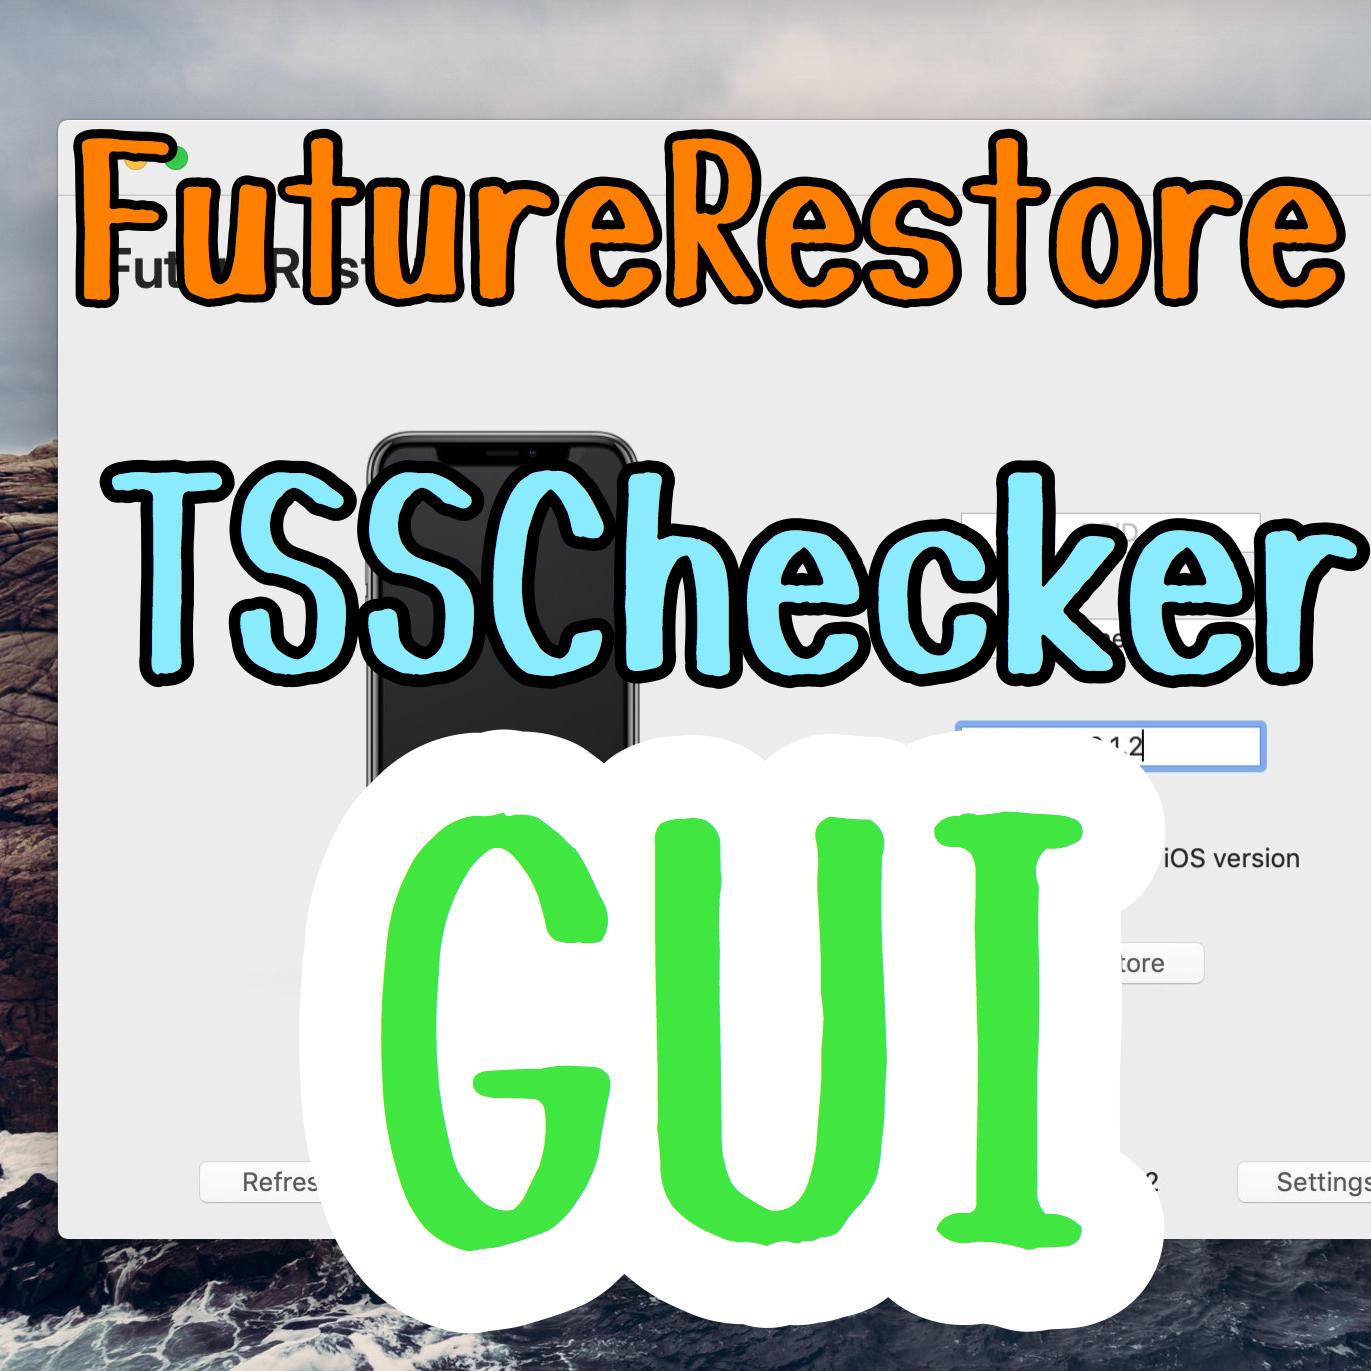 Mac対応のFutureRestore,TSSChecker GUI版が開発中!簡単に